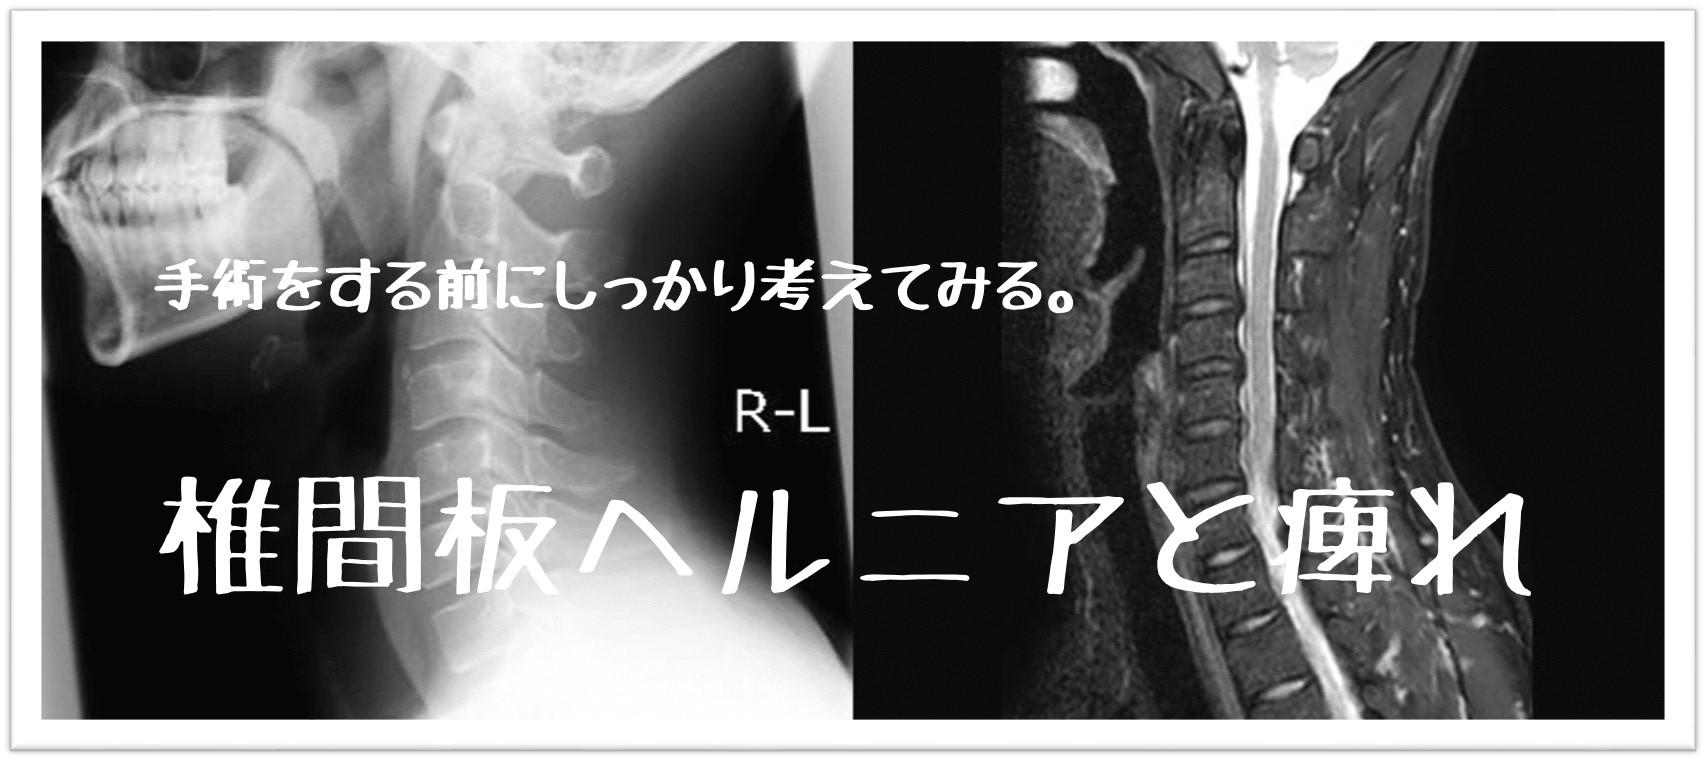 整体ゆいの椎間板ヘルニアのブログ